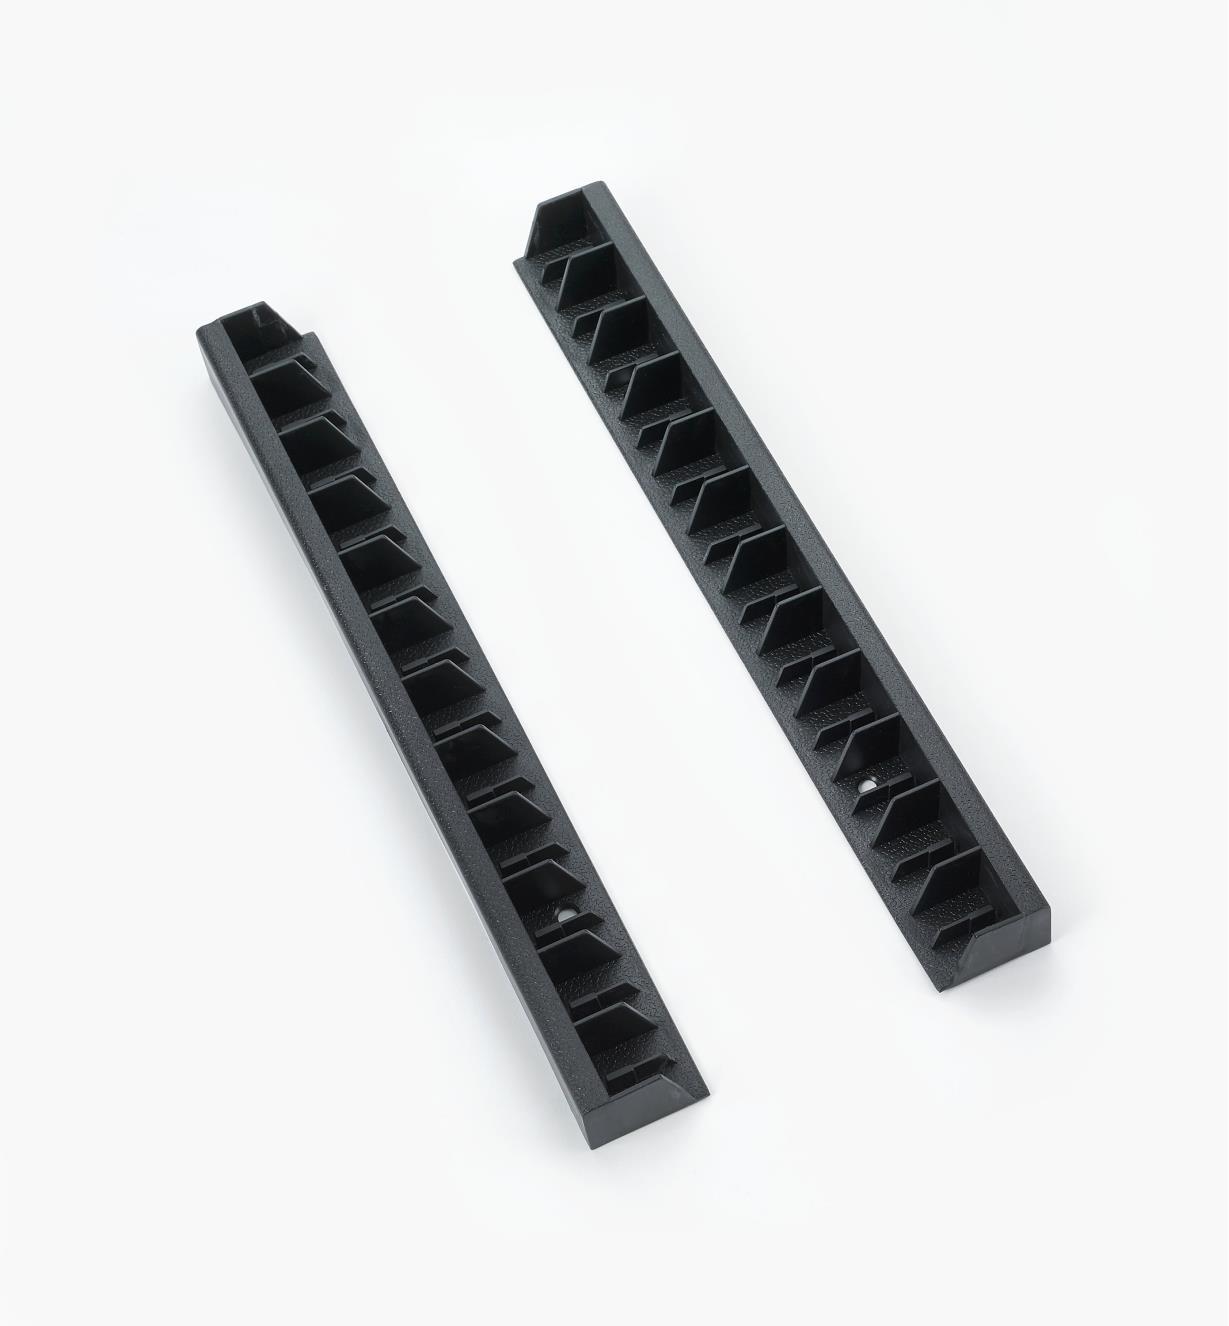 00S4003 - Supports pour CD, la paire